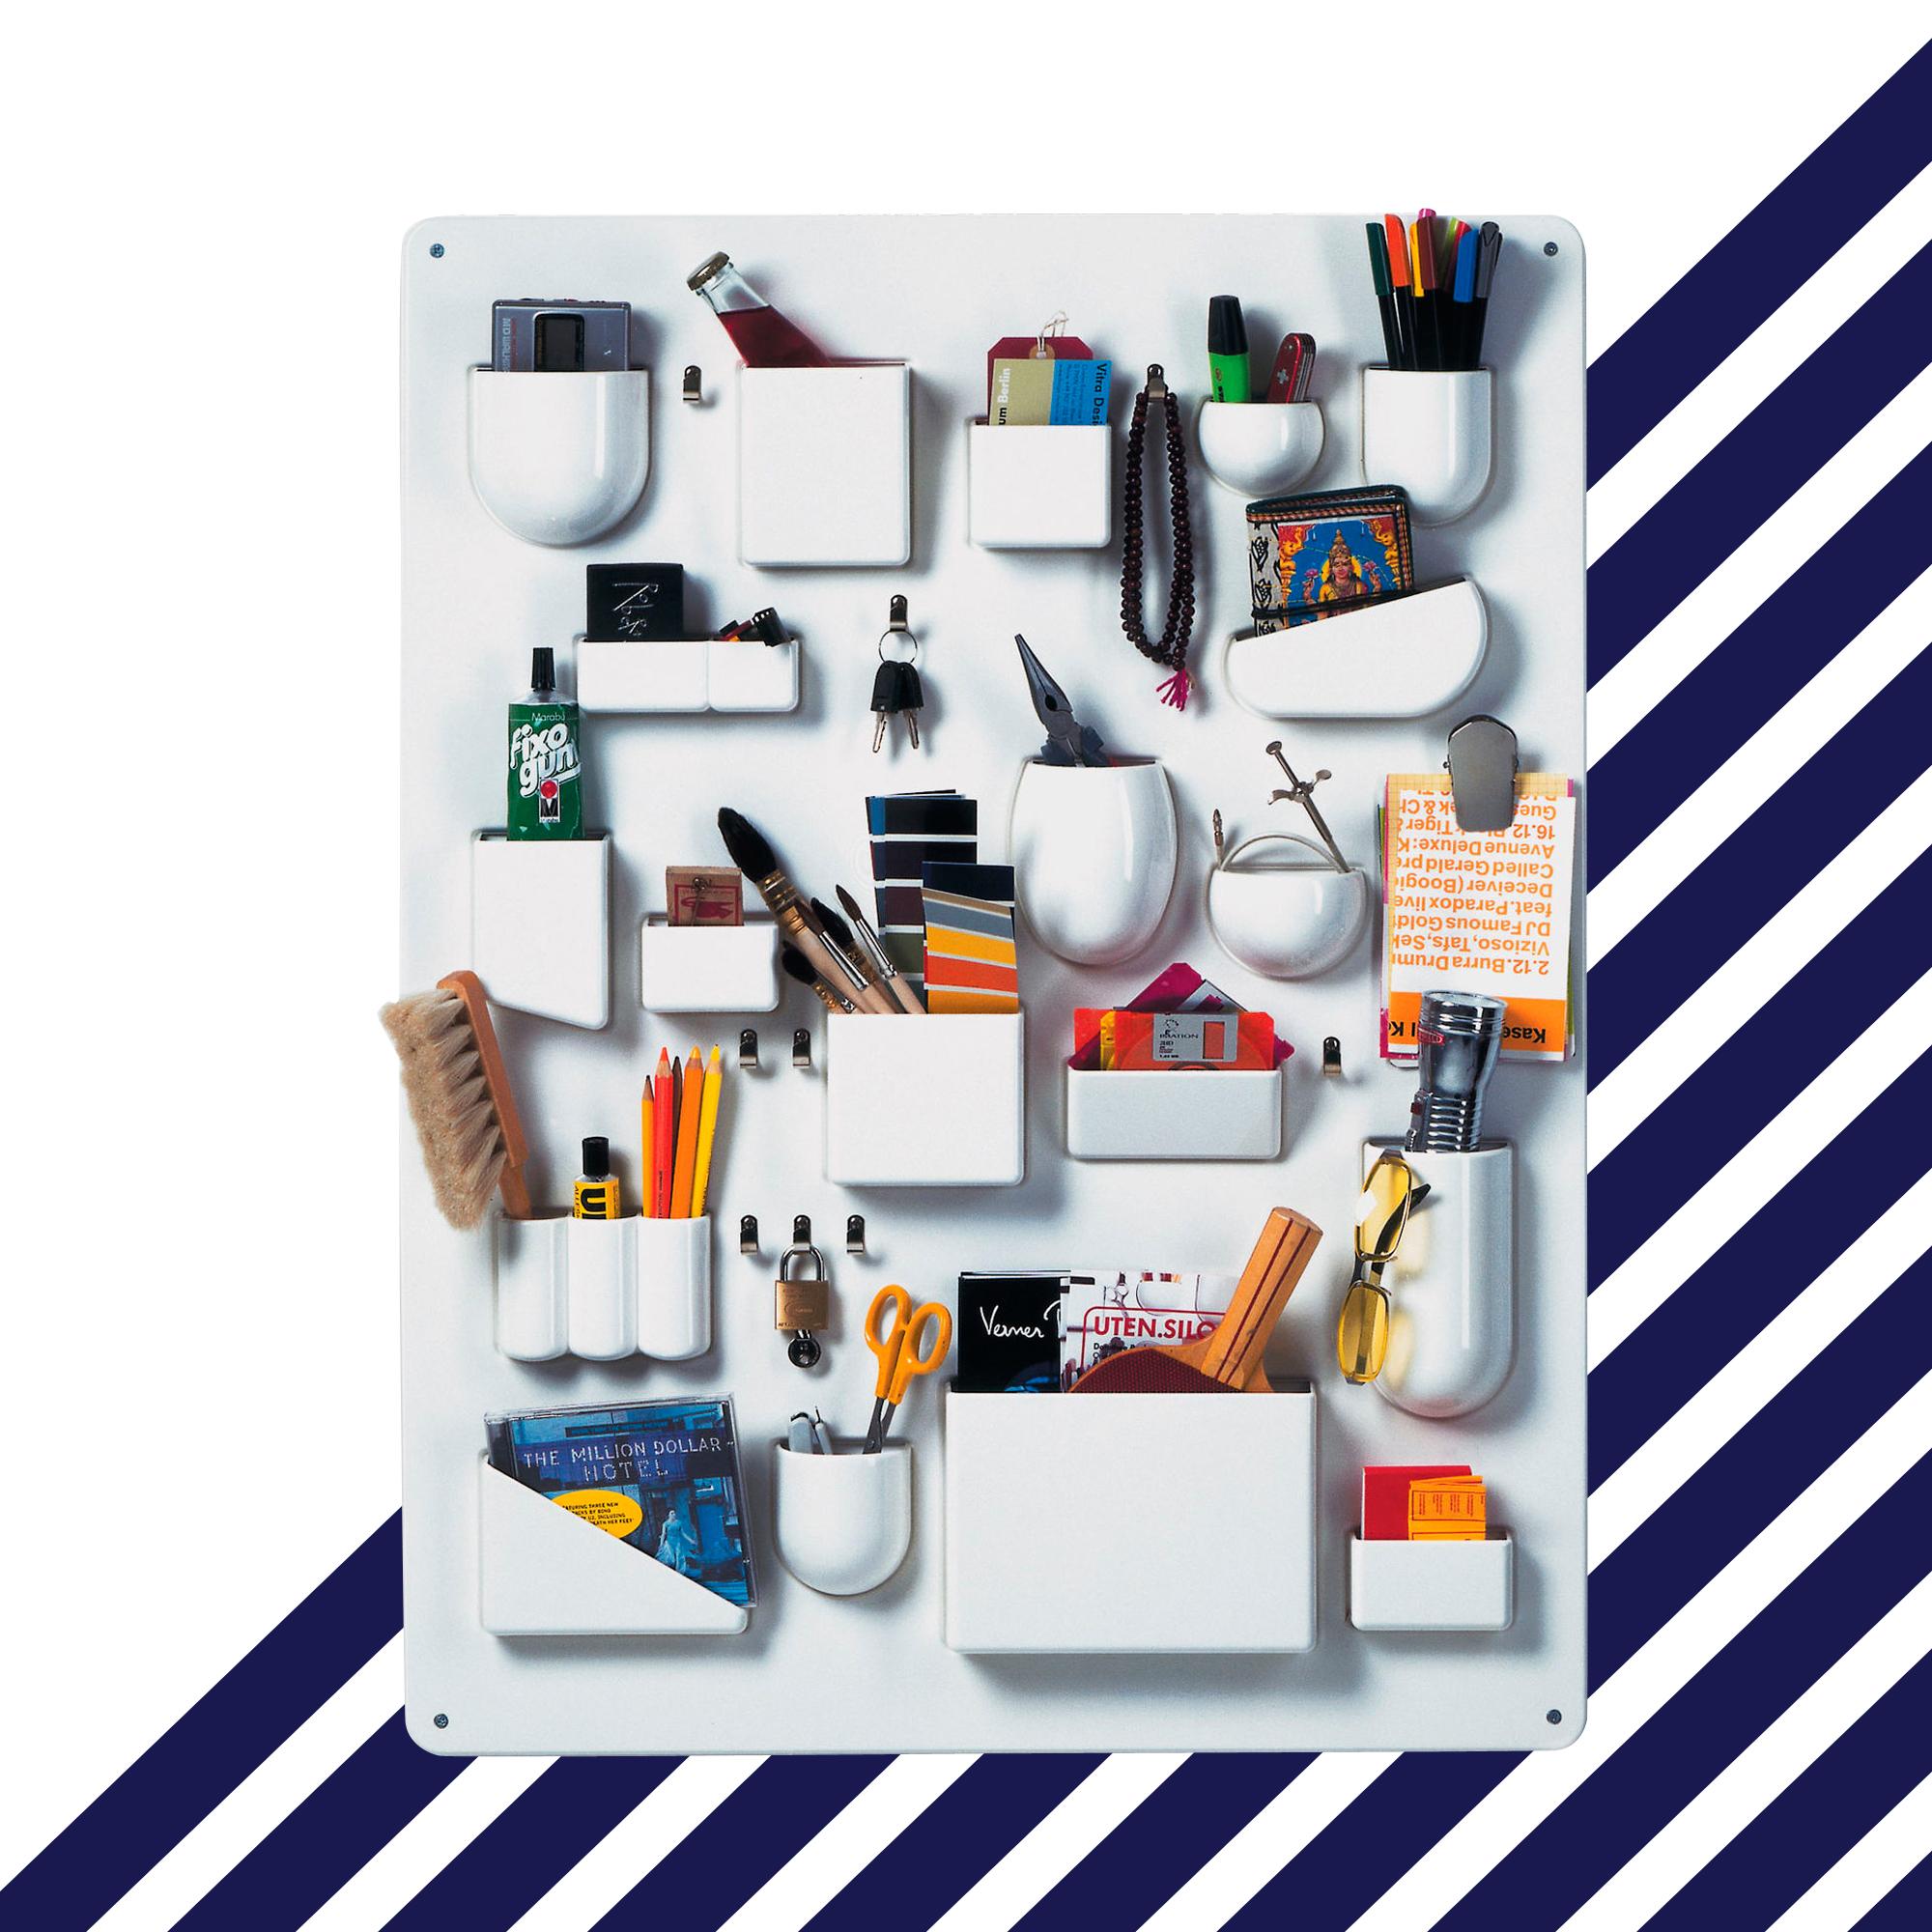 Organisateur mural : l\'objet design tendance - Elle Décoration